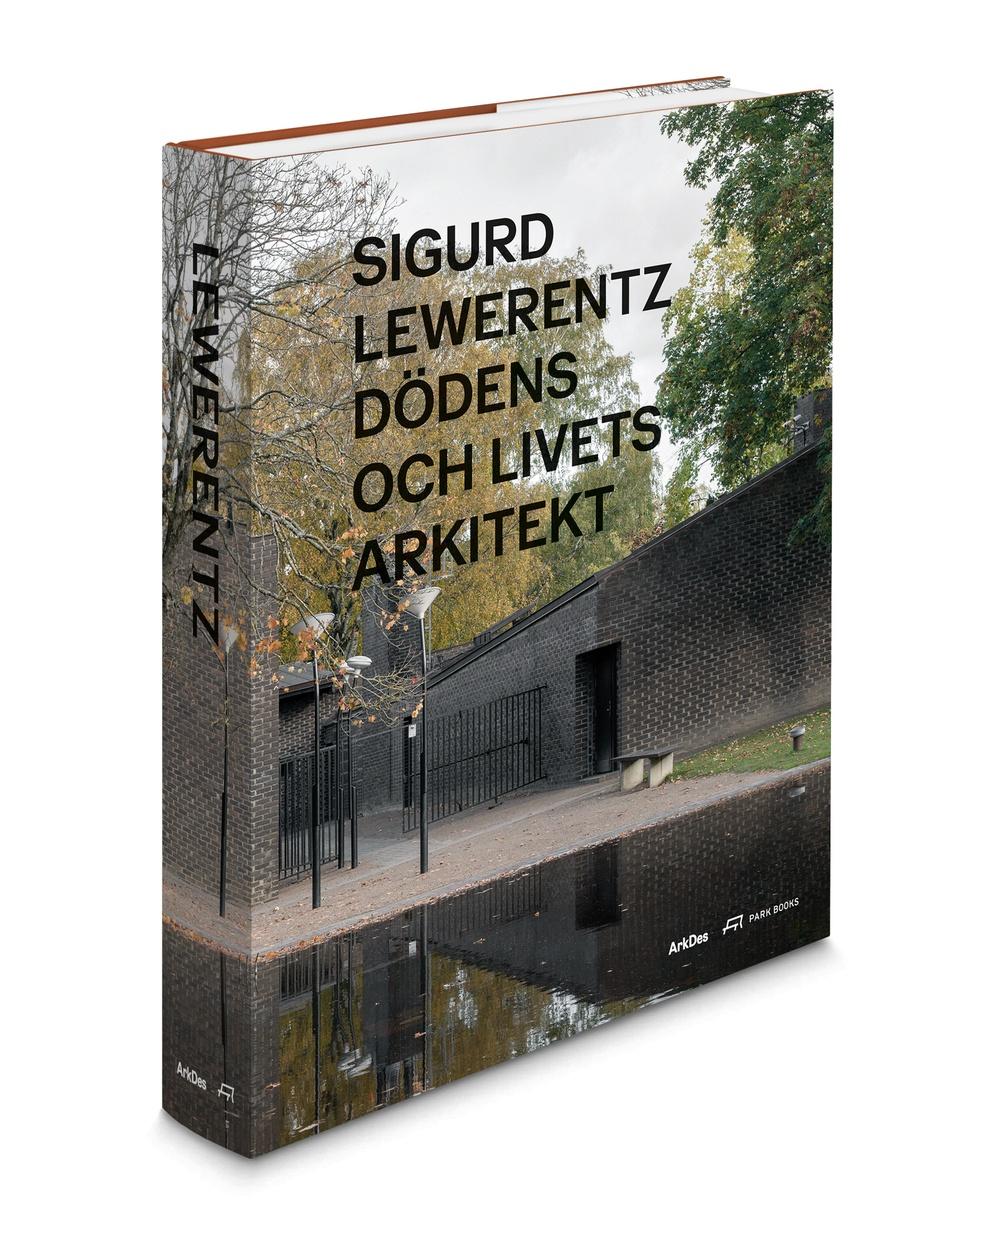 I slutet av april släpper ArkDes ett verkligt praktverk om Sigurd Lewerentz: en bok på 700 sidor formgiven av den prisbelönta designbyrån Malmsten Hellberg. Boken innehåller ett omfattande bildmaterial ur ArkDes samlingar och helt nytagna fotografier av arkitektens byggda miljöer.